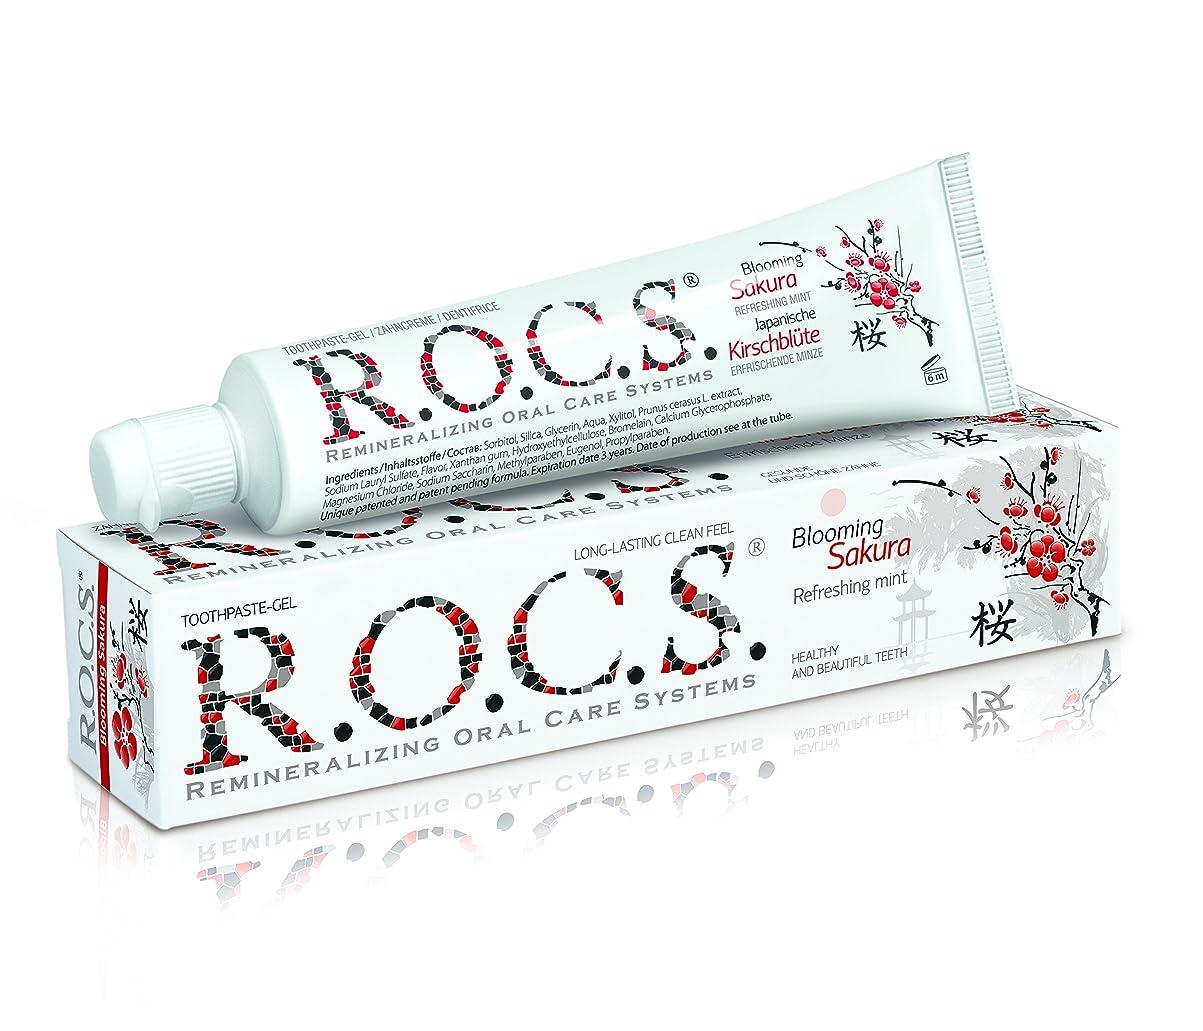 沿って敬意南R.O.C.S. ロックス歯磨き粉 ブルーミング サクラ